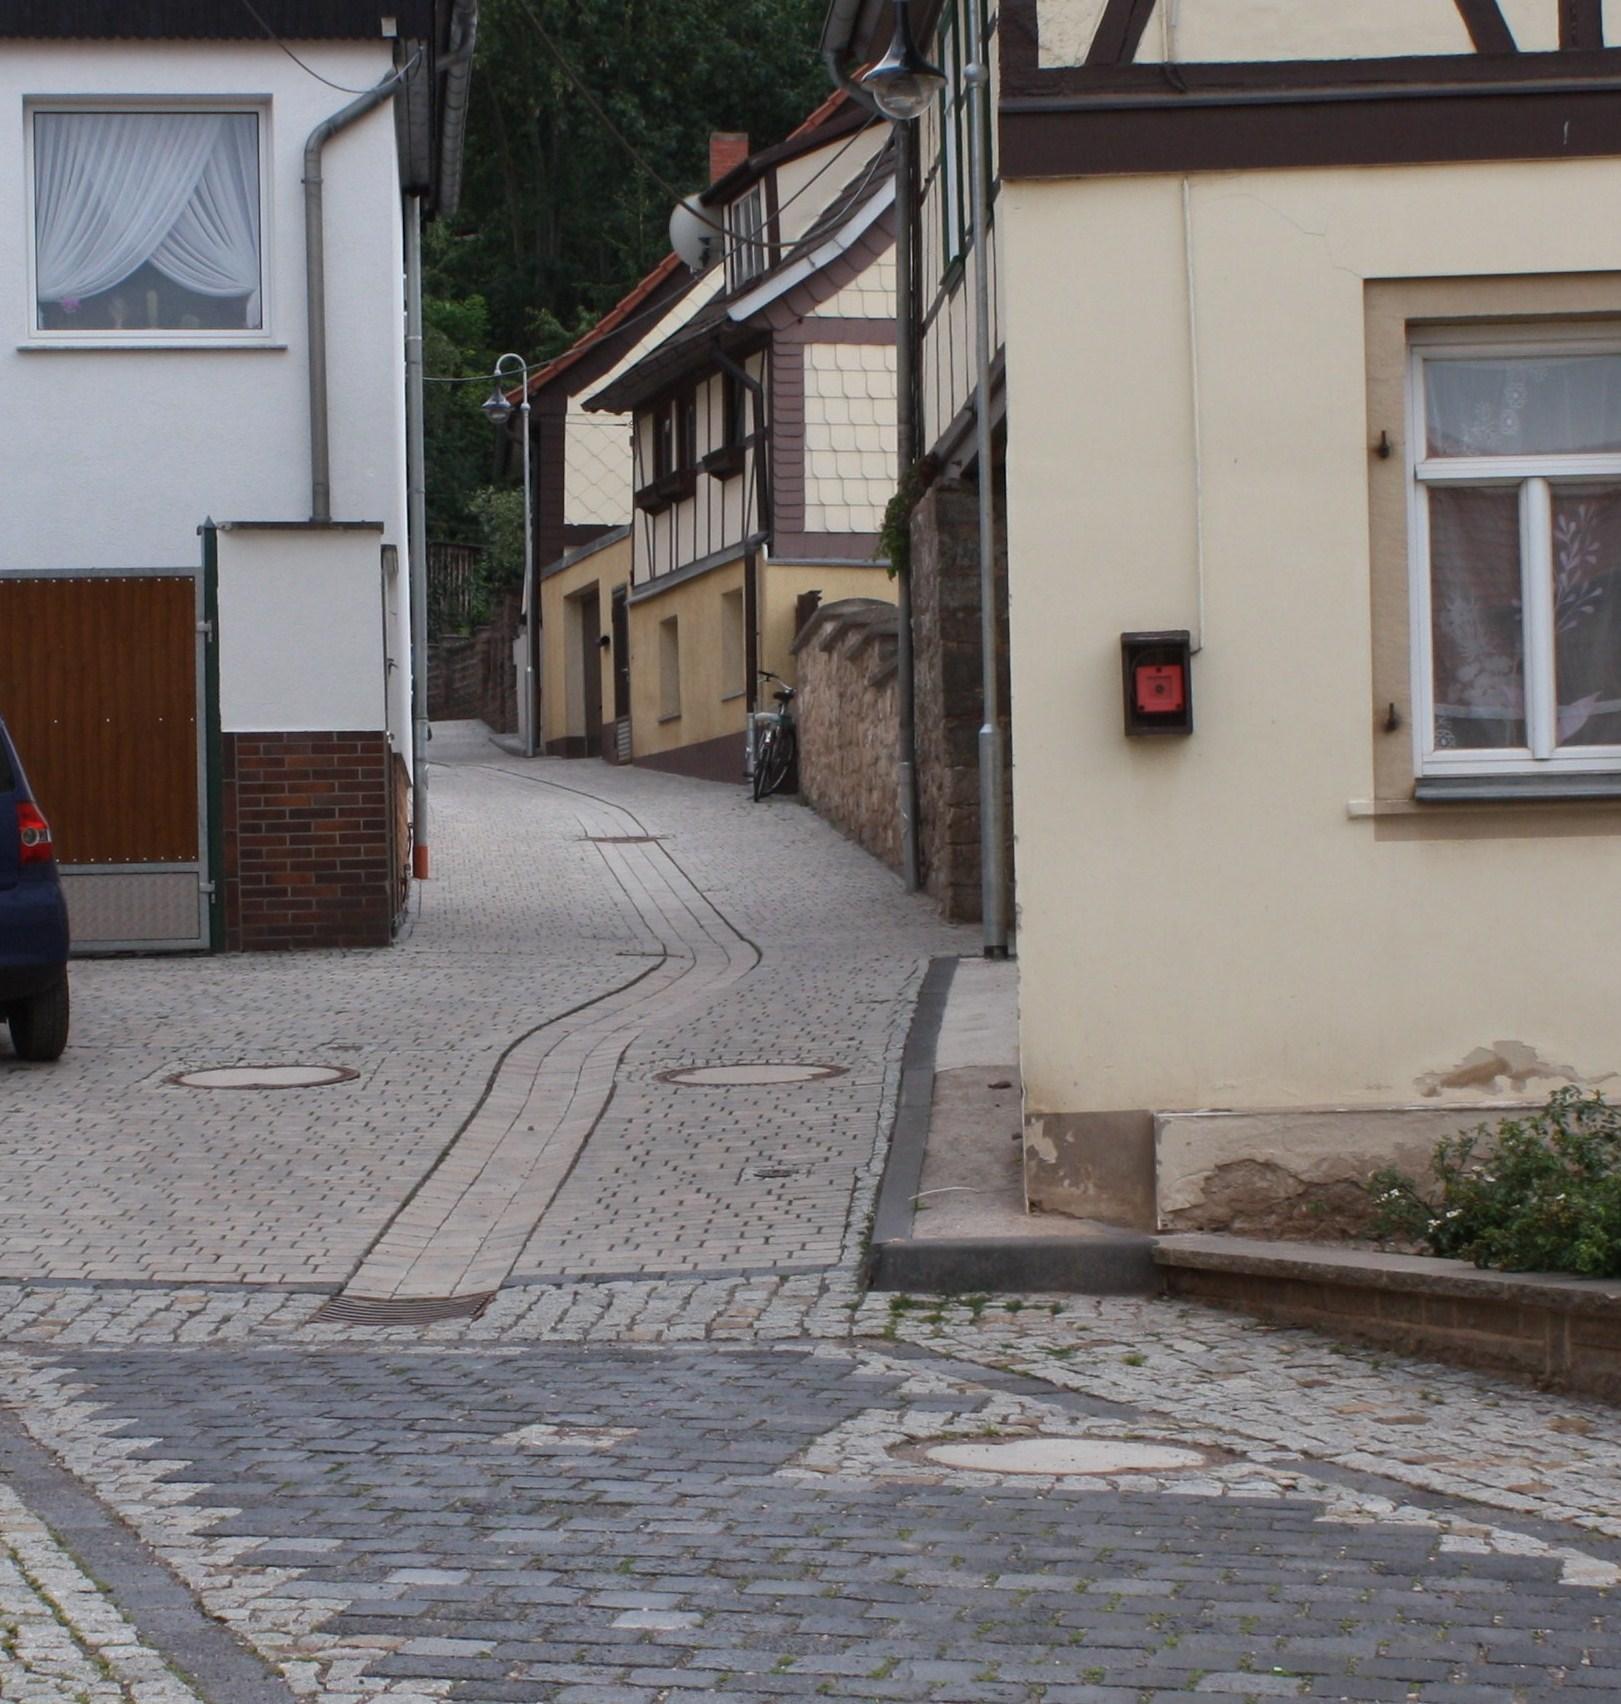 Sanierung der Kirchgasse in Auleben, Landgemeinde Heringen